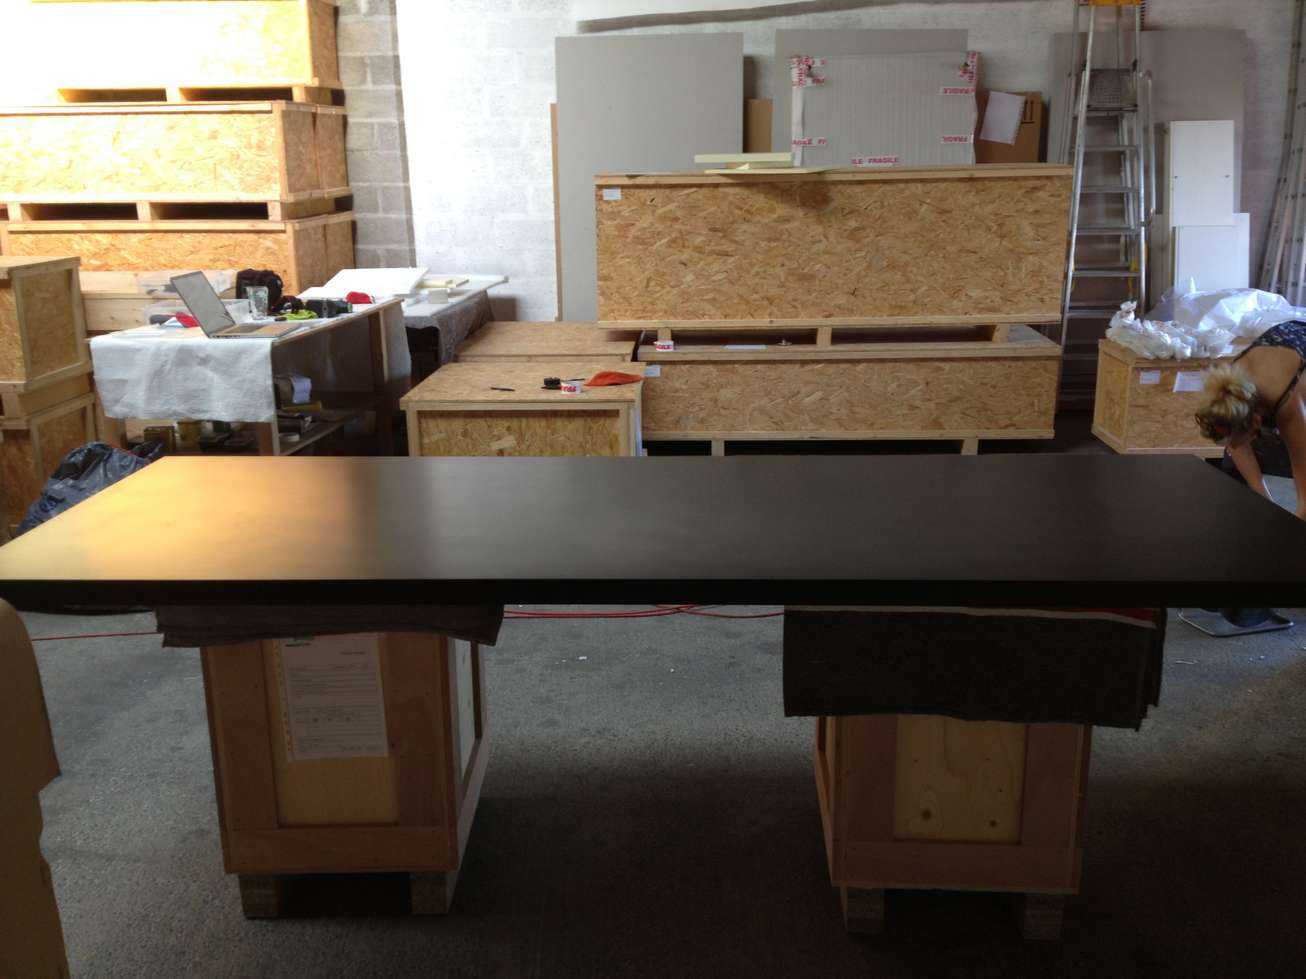 design-day-birger-mikkelsen-home-galerie-kreo-polissage-nettoyage-art-restauration-restaurarte-resine.jpg